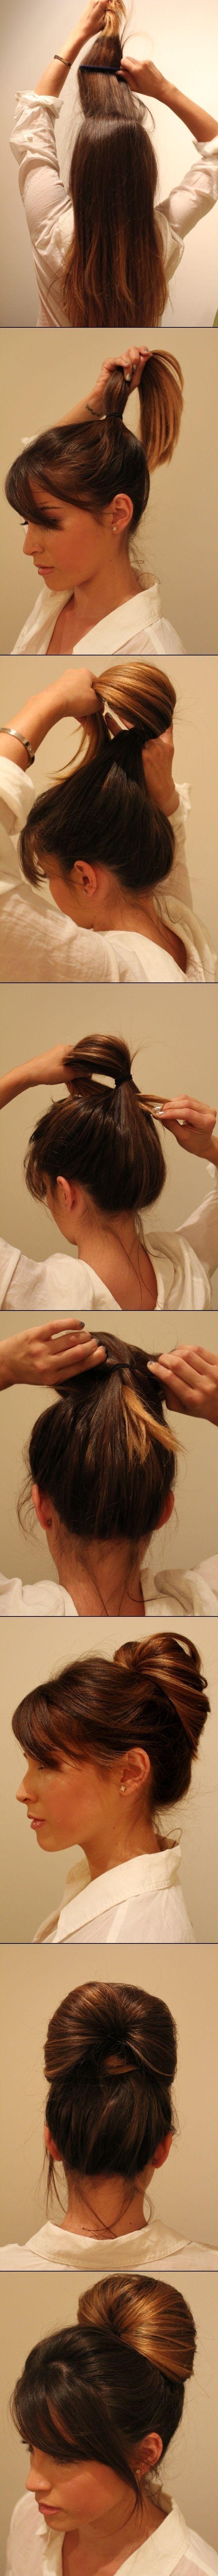 Mit diesen haarscharfen Styling-Tipps bist du ein echter Hingucker. Mädels, das kennt ihr doch: Das Outfit stimmt, die Nägel sind top und auch das Makeup ist de...